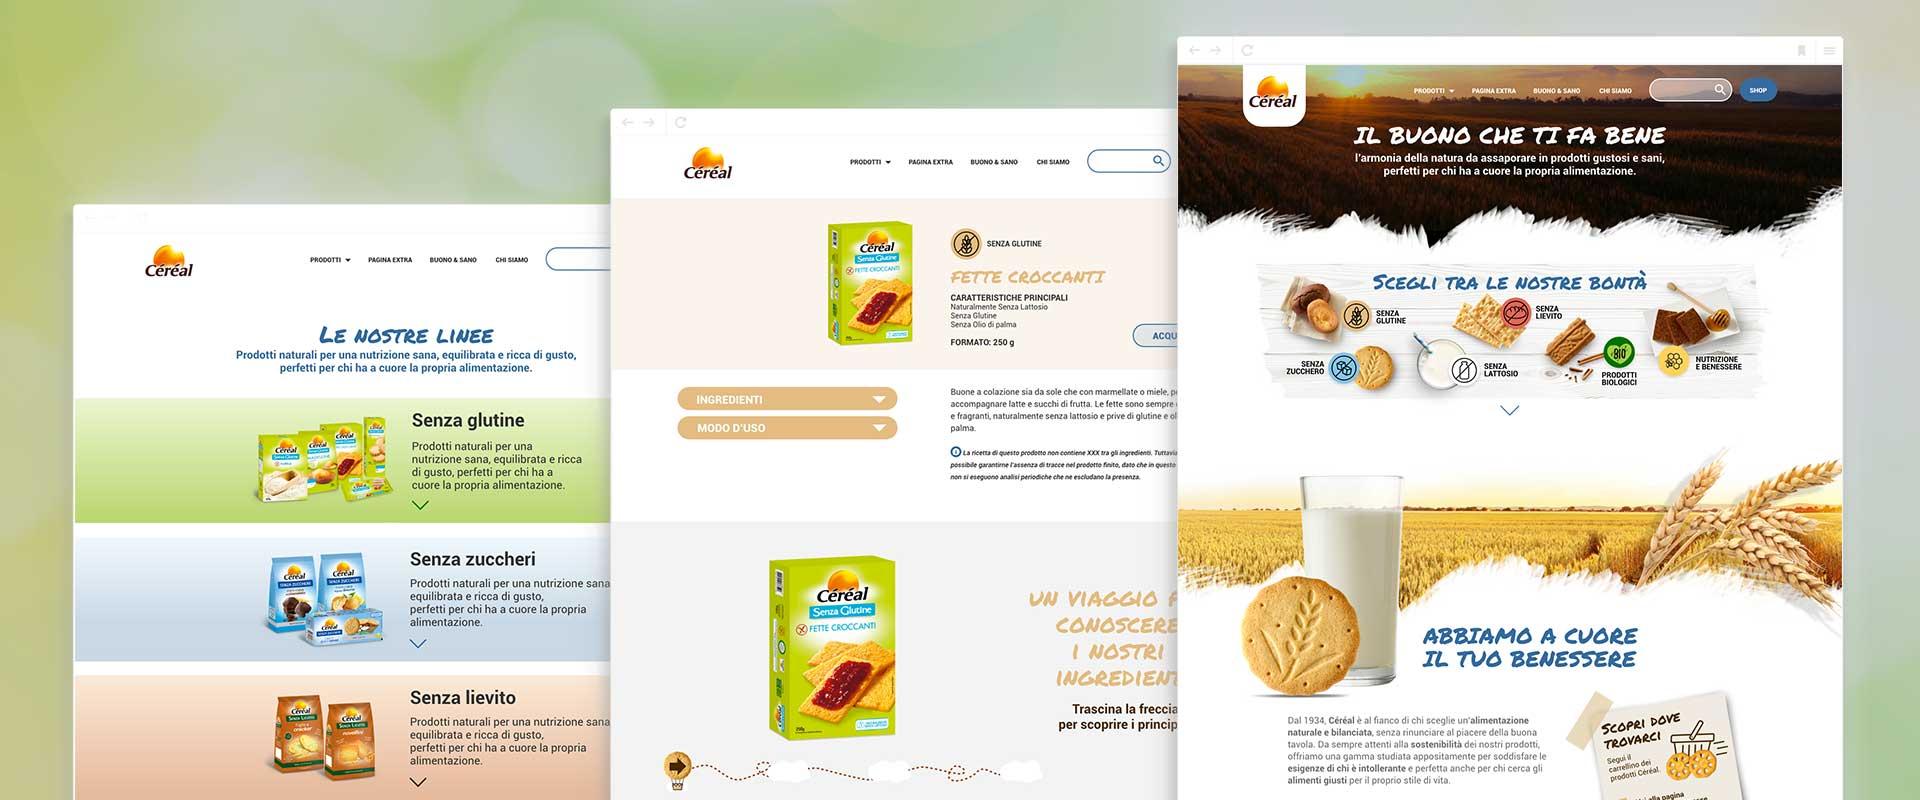 il nuovo sito di Cereal disegnato da ATC è user-centered e interattivo